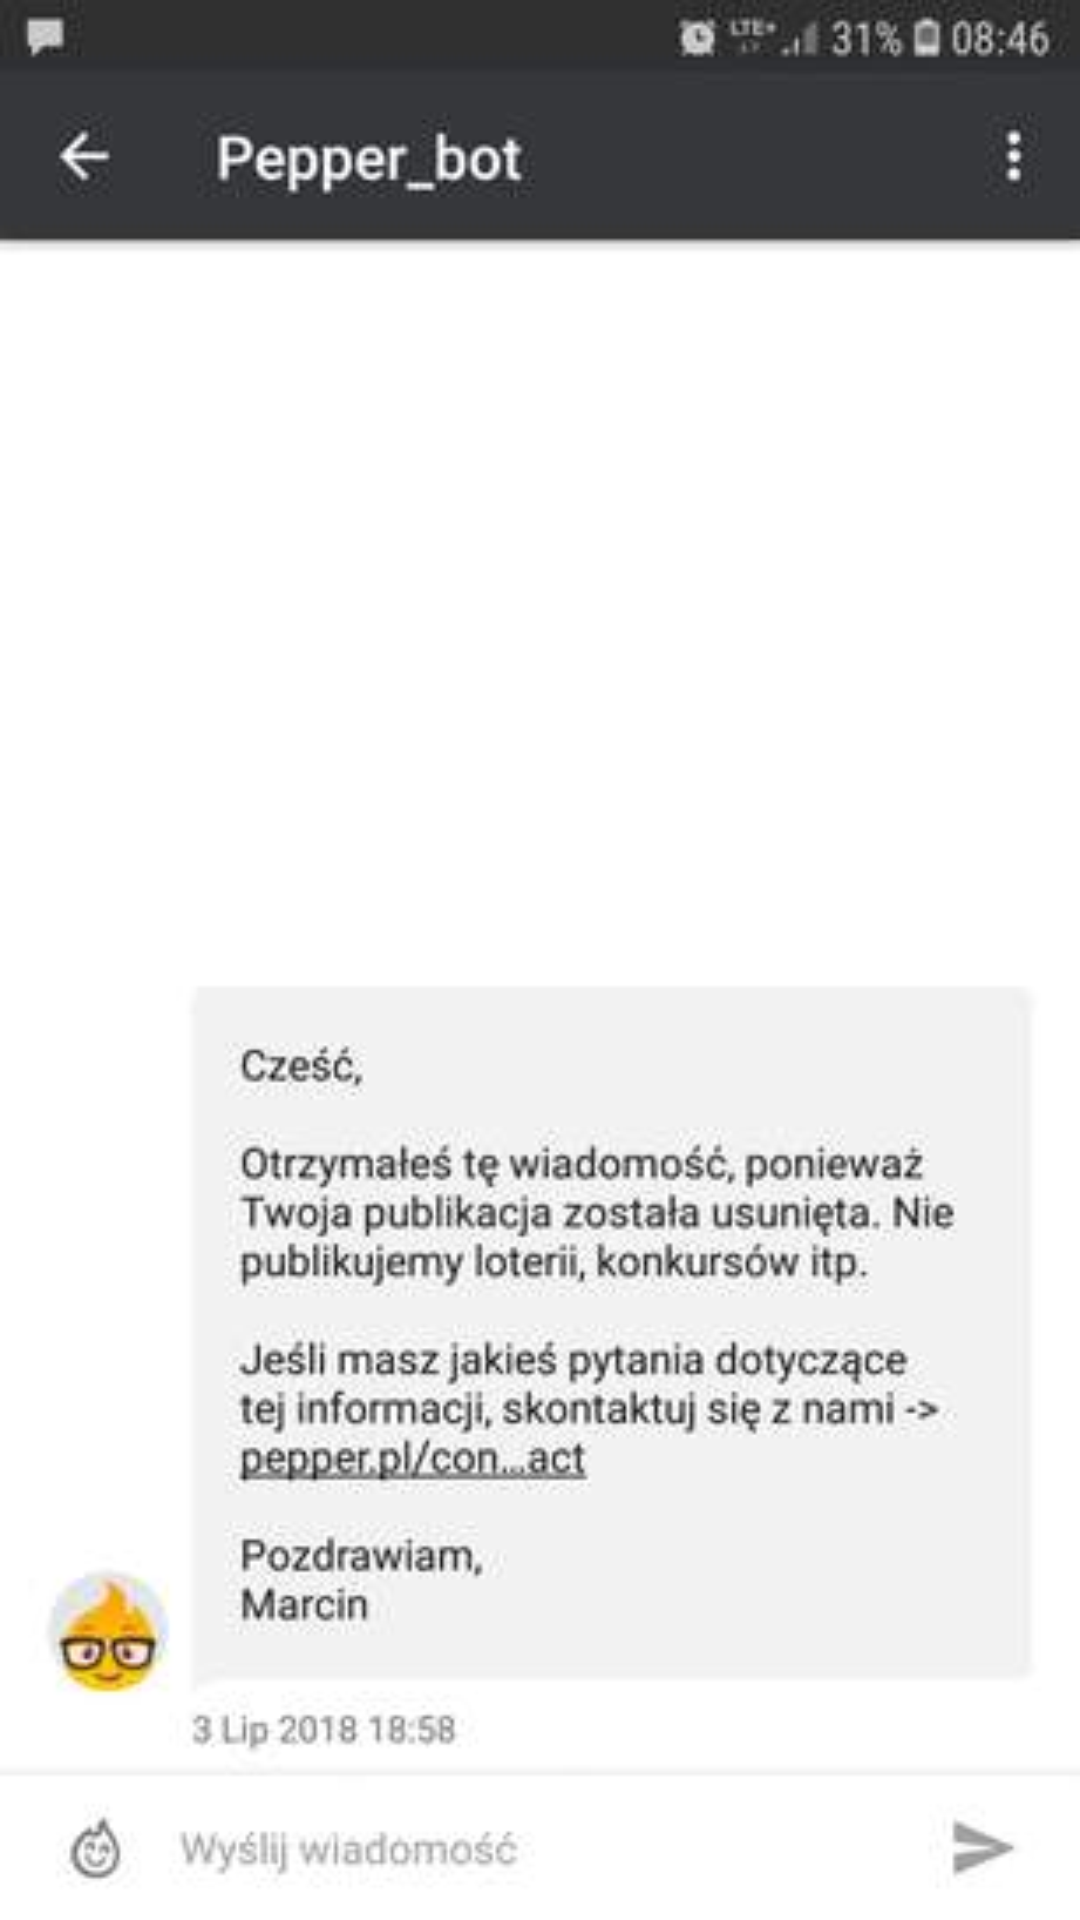 2301757-GmsK3.jpg